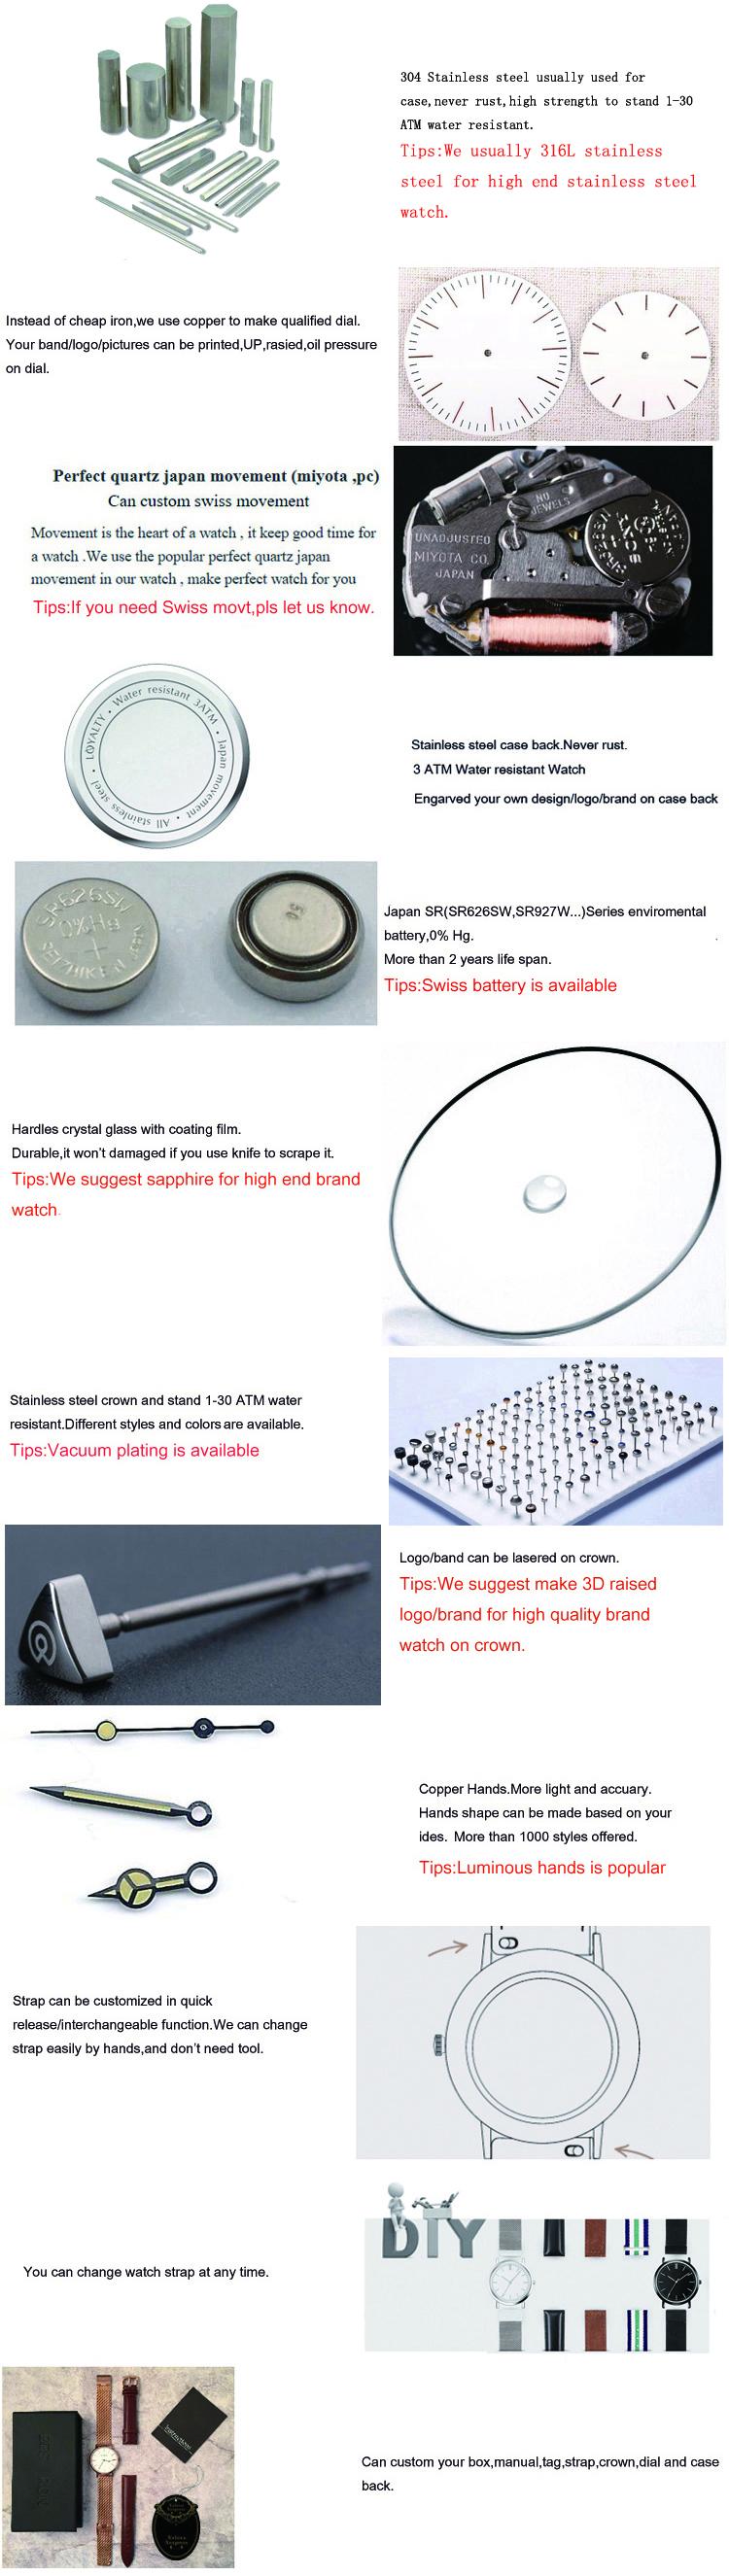 Geneva Nylon Japan Movement Quartz Sr626sw Stainless Steel